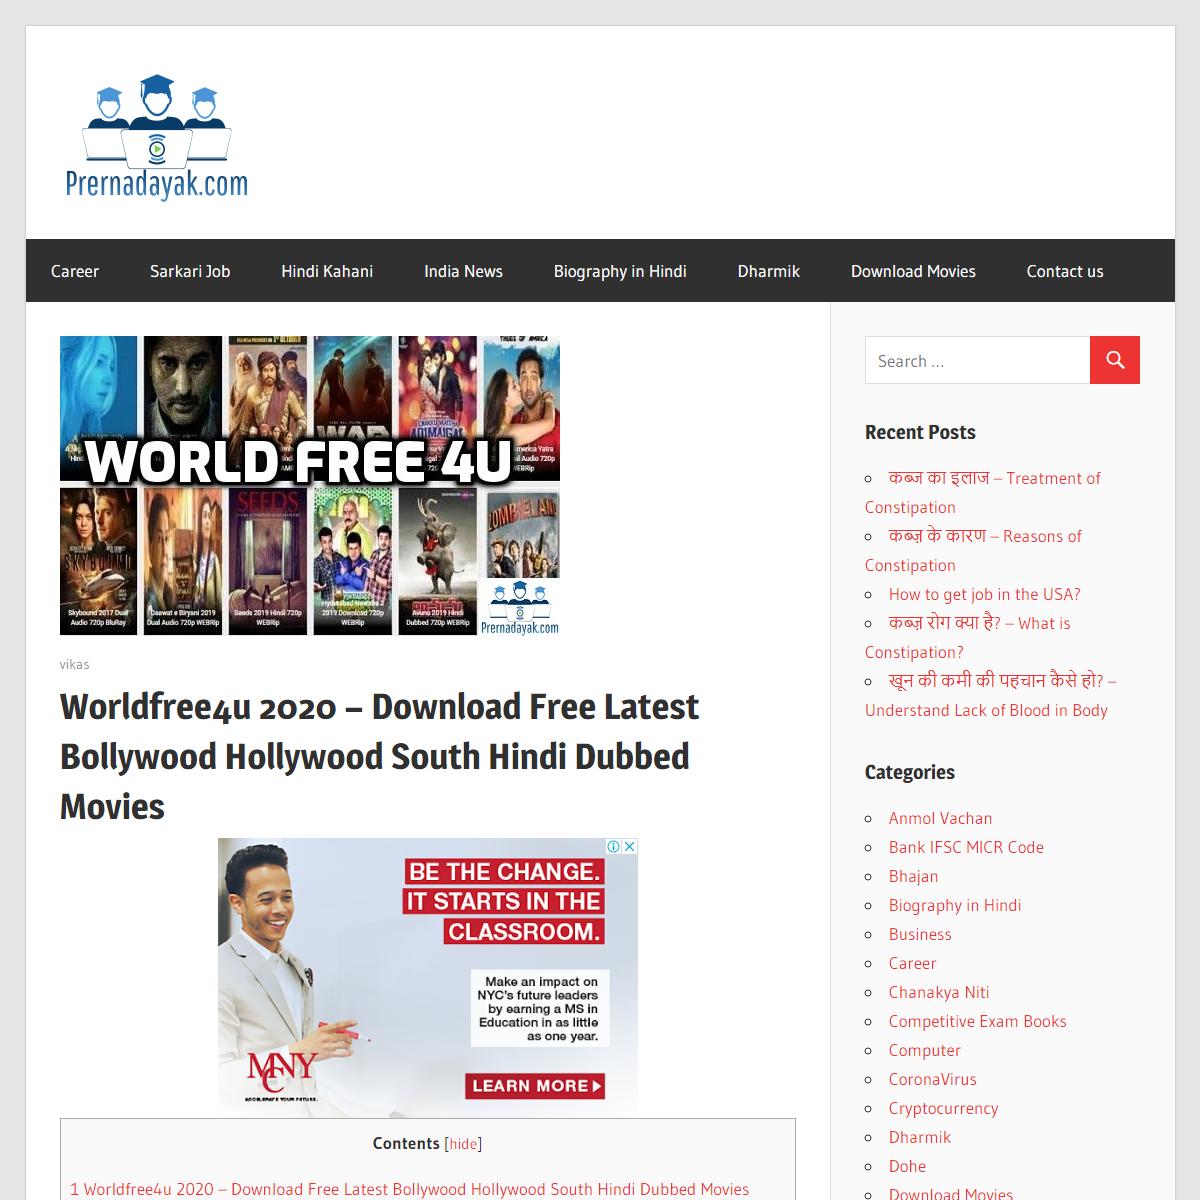 Worldfree4u 2020 - Download Bollywood Hollywood South Hindi Movies